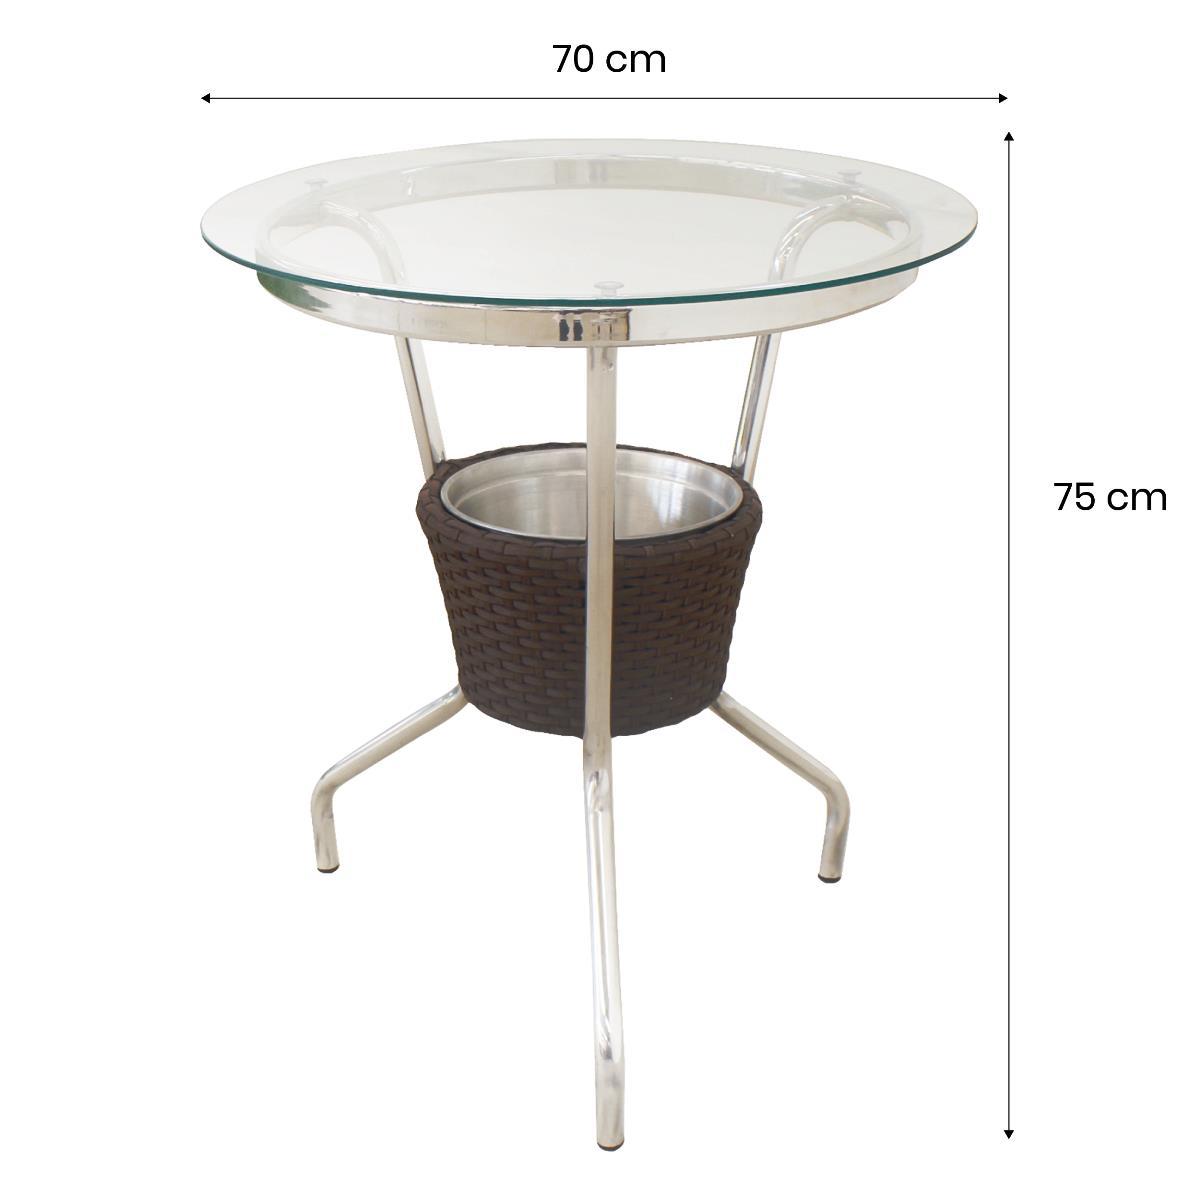 Kit 01 Mesa com 02 Cadeiras - Alumínio com Fibra Sintética - CBRC103